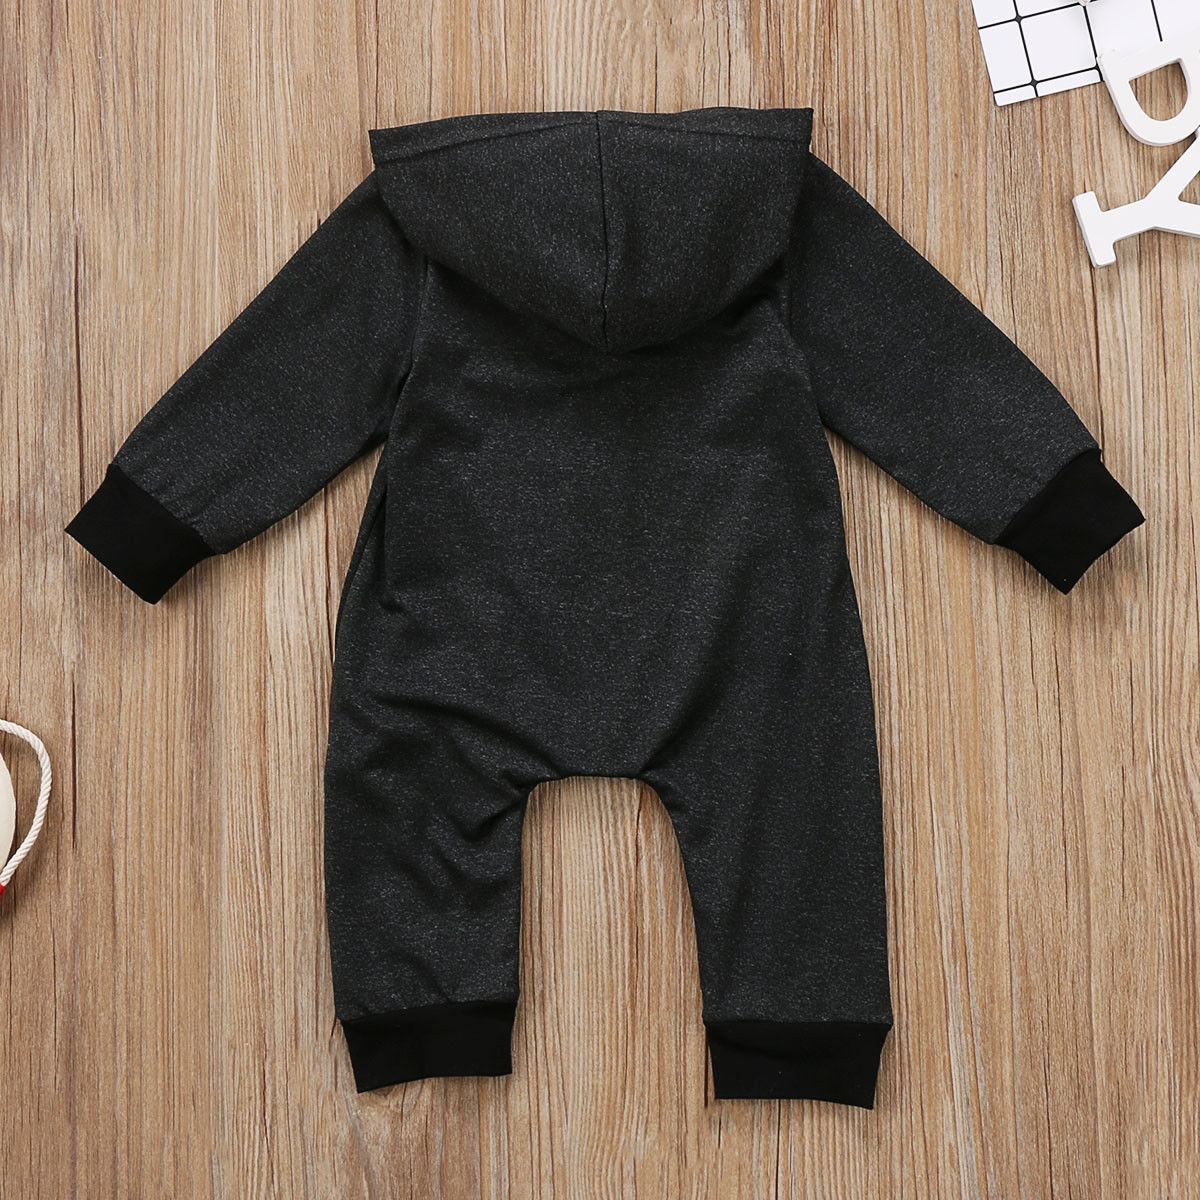 8b87888b0 Conjunto de 2 piezas 2019 nuevos vestidos de flores para bebés y niñas  monos de algodón